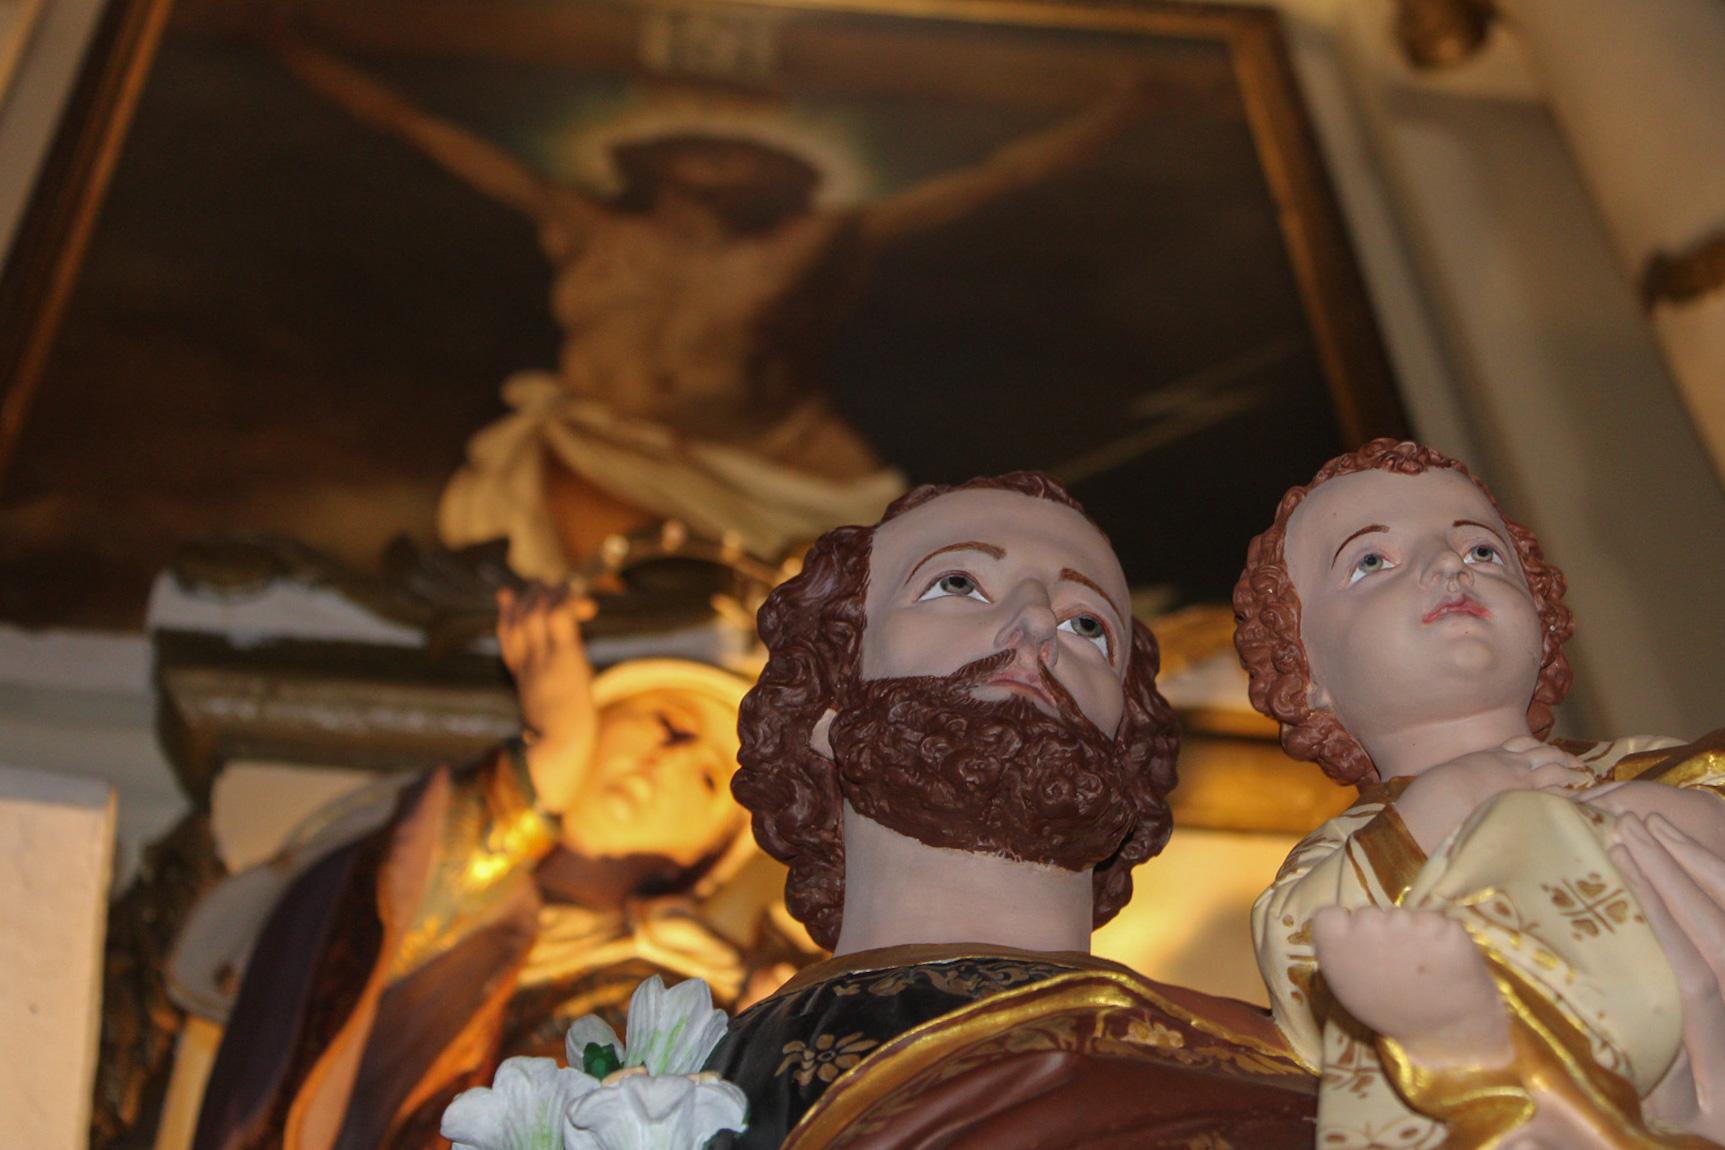 Novas Invocações nas Ladainhas em Honra a São José